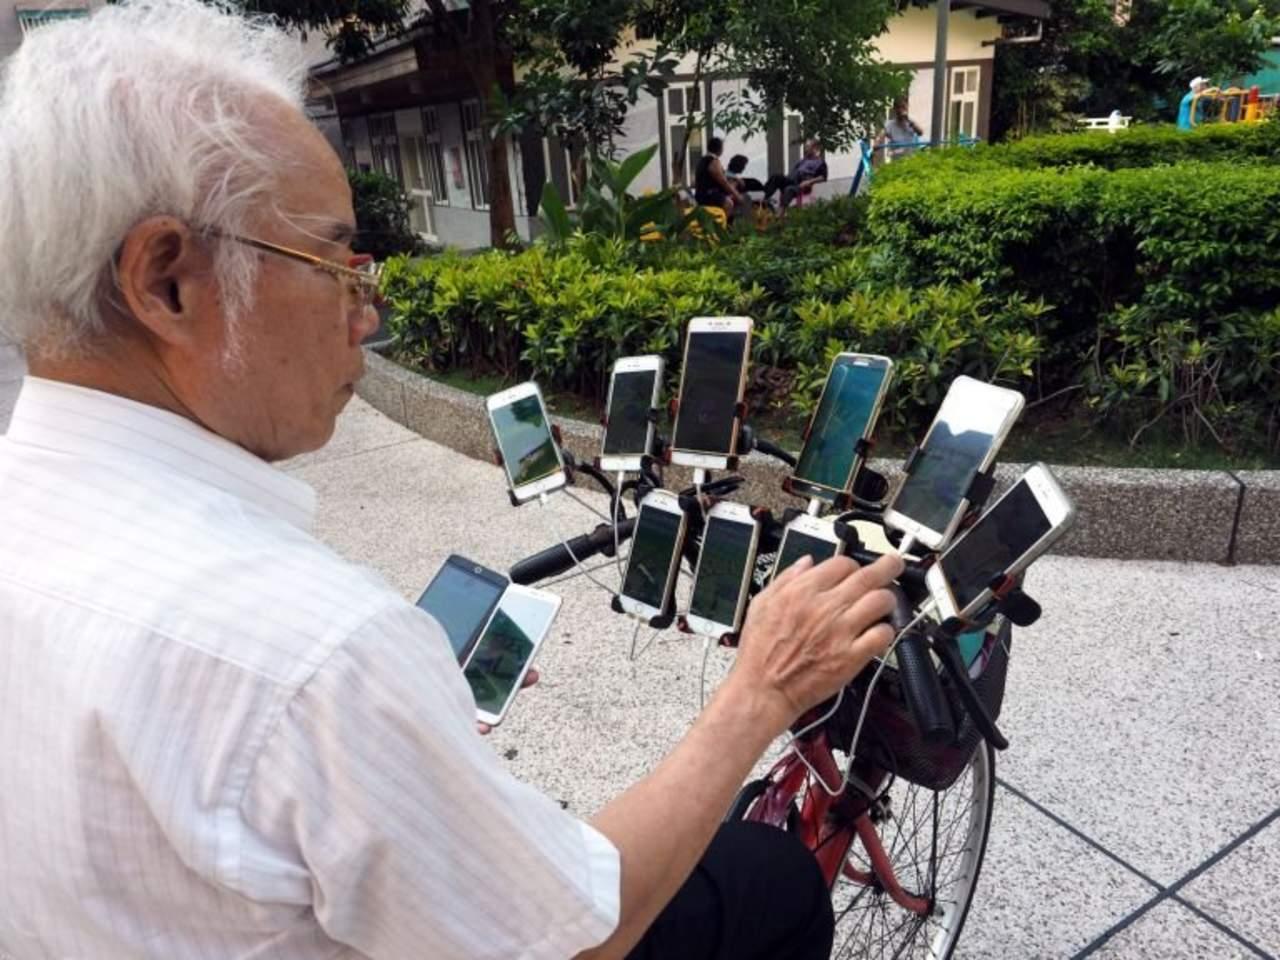 Anciano de 70 años es el fan número 1 de Pokémon Go